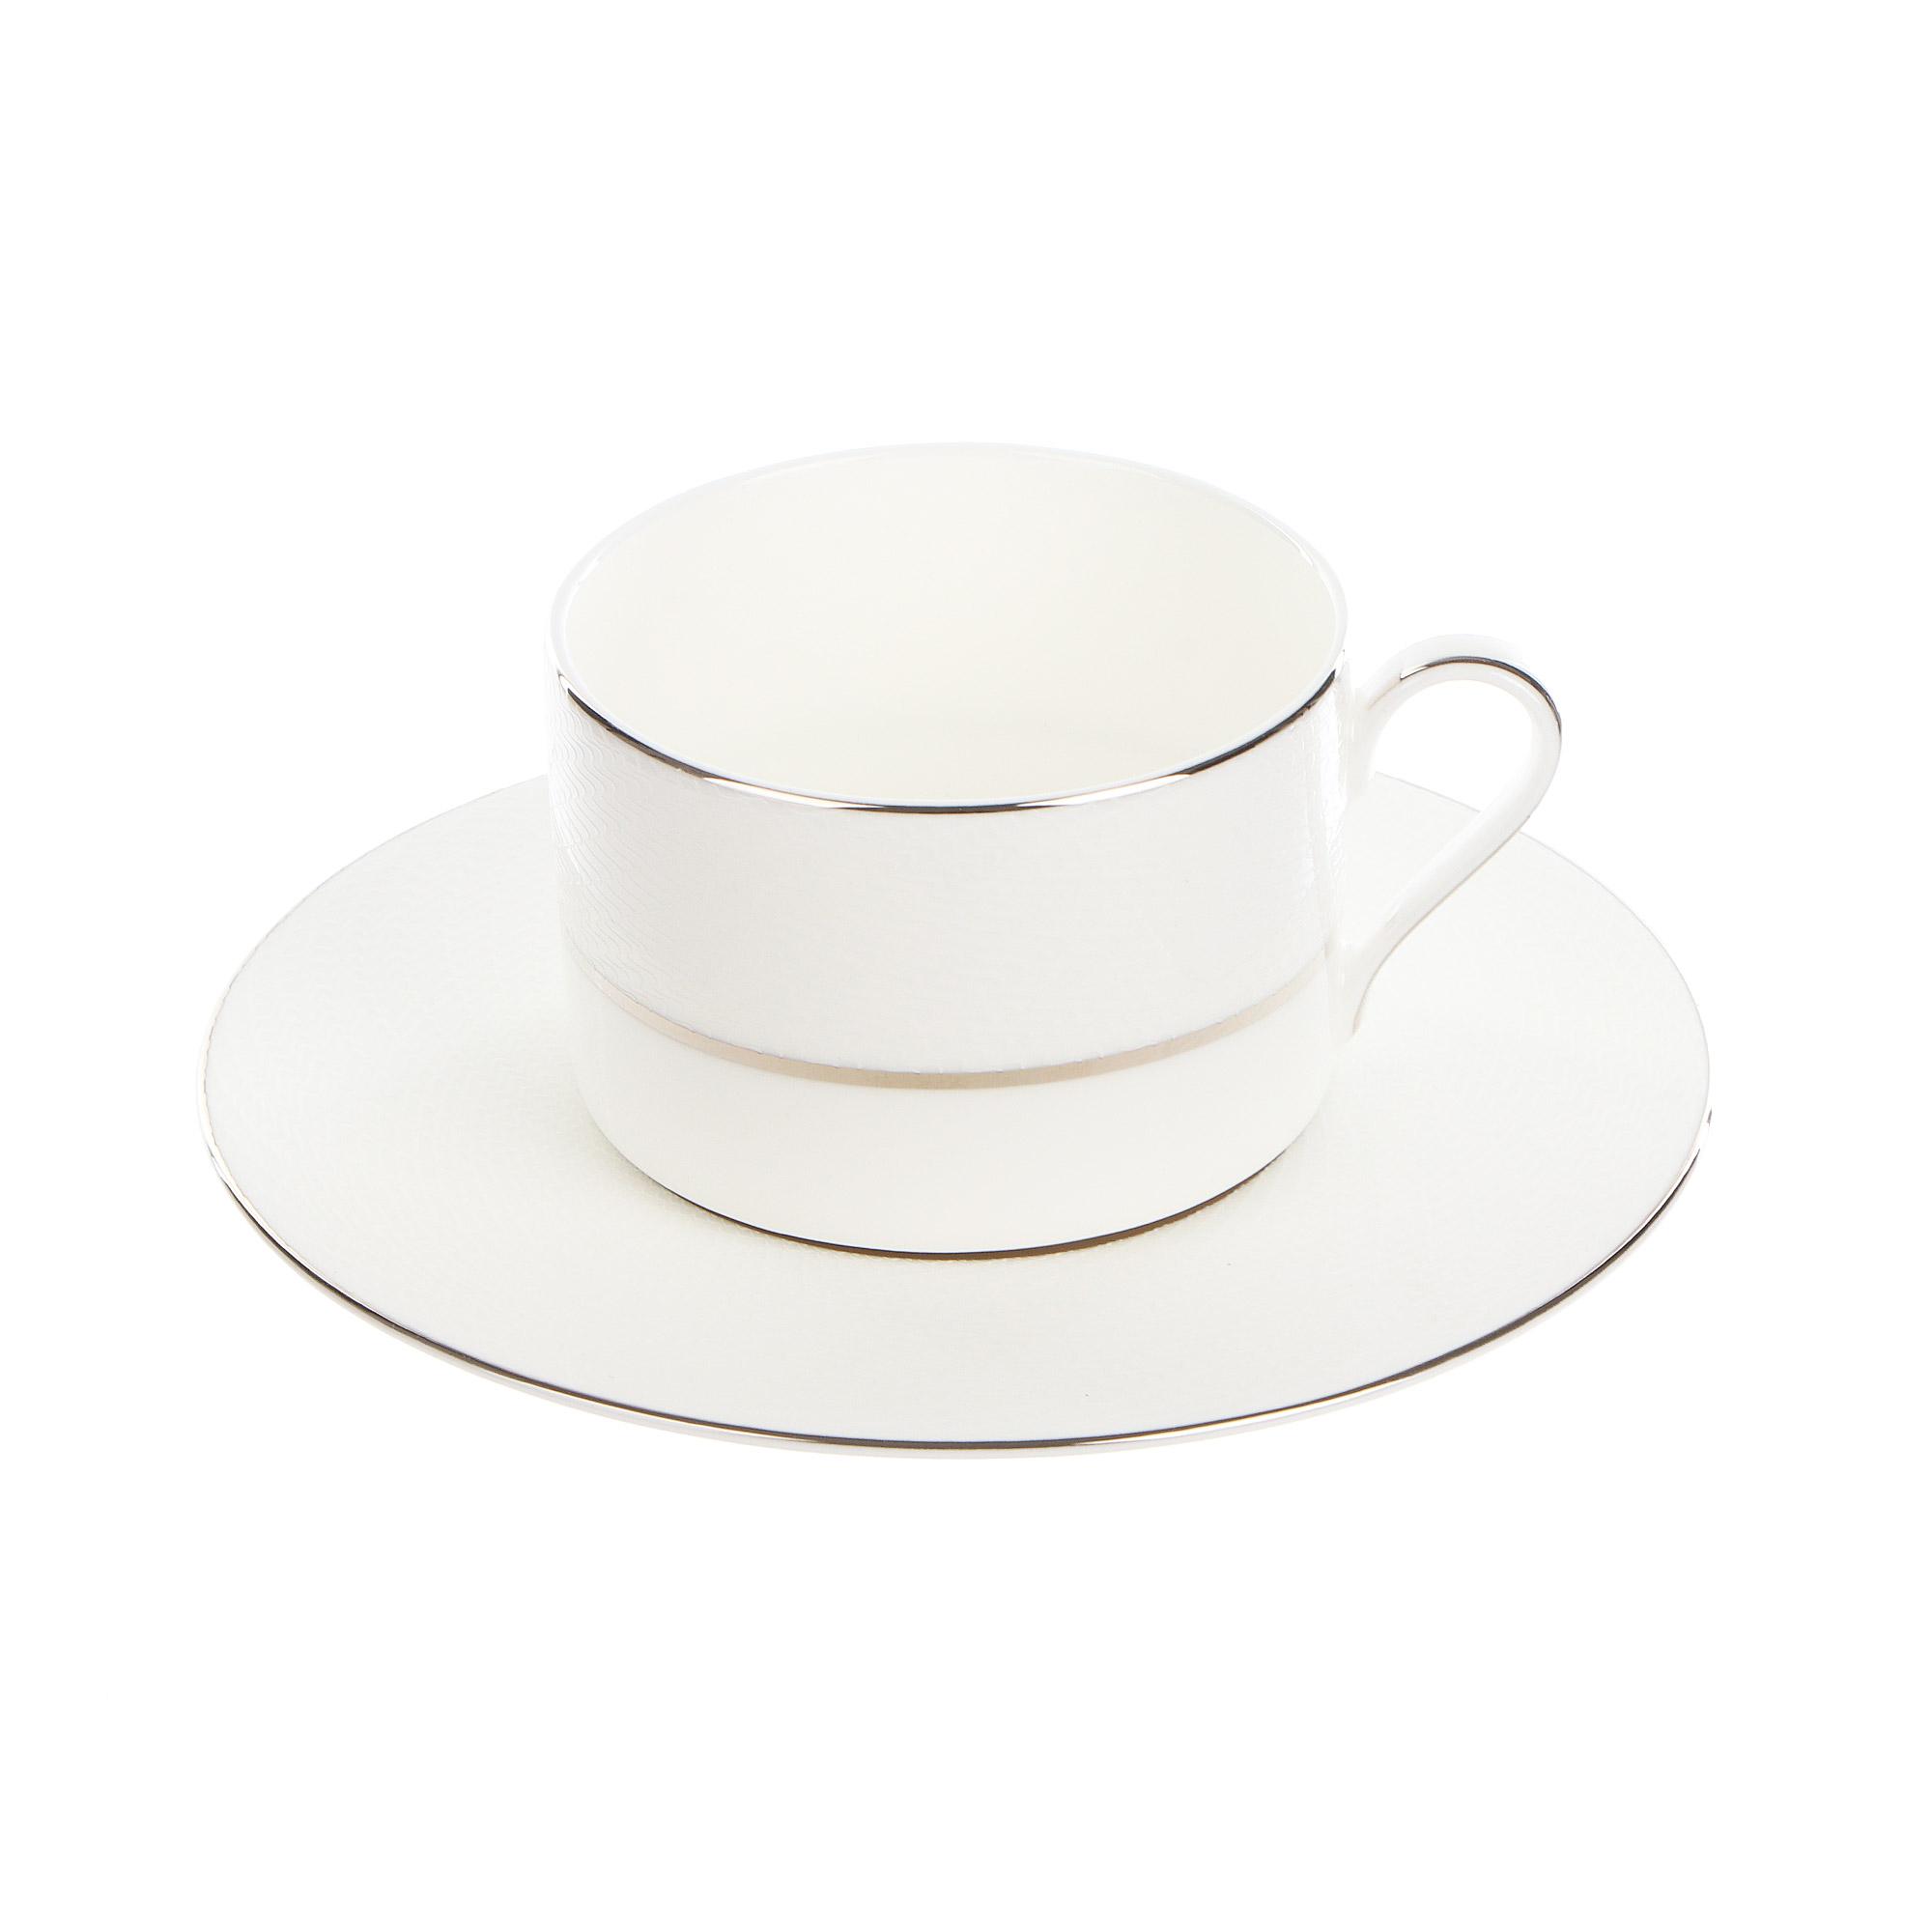 Чайный набор Naomi Миллениум 12 предметов фото